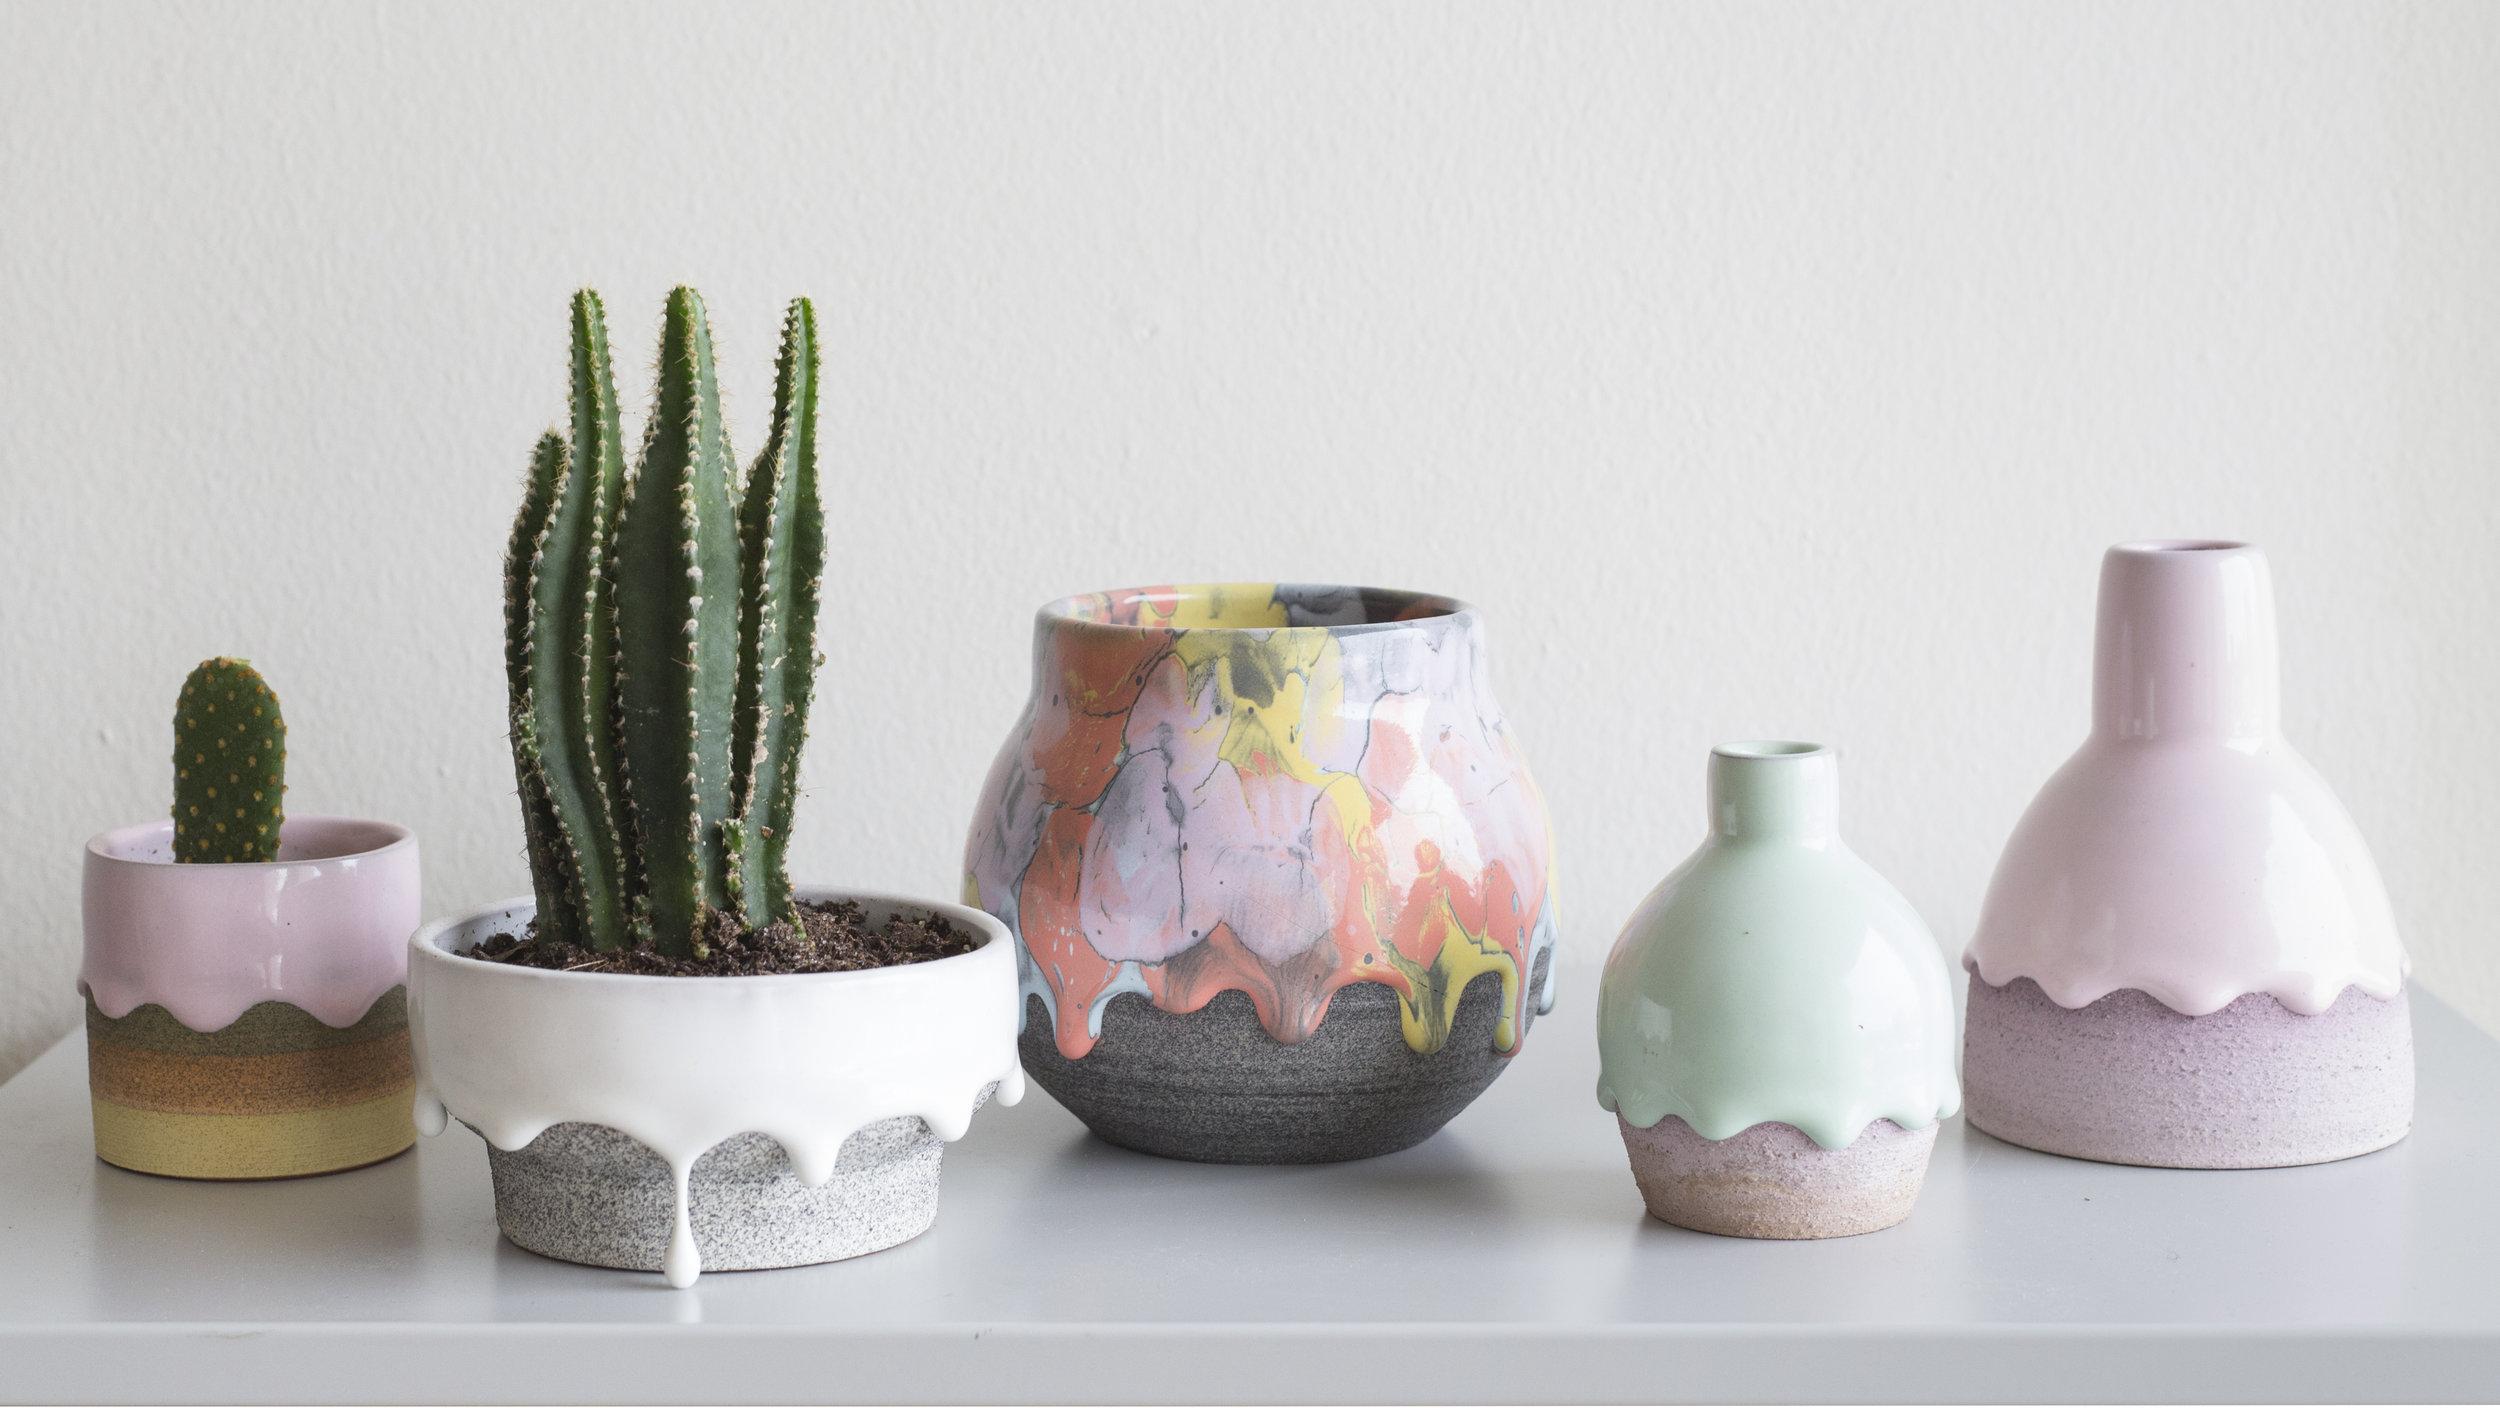 Rainbow Drip Vessels by Brian Giniewski Ceramics (9 pics)